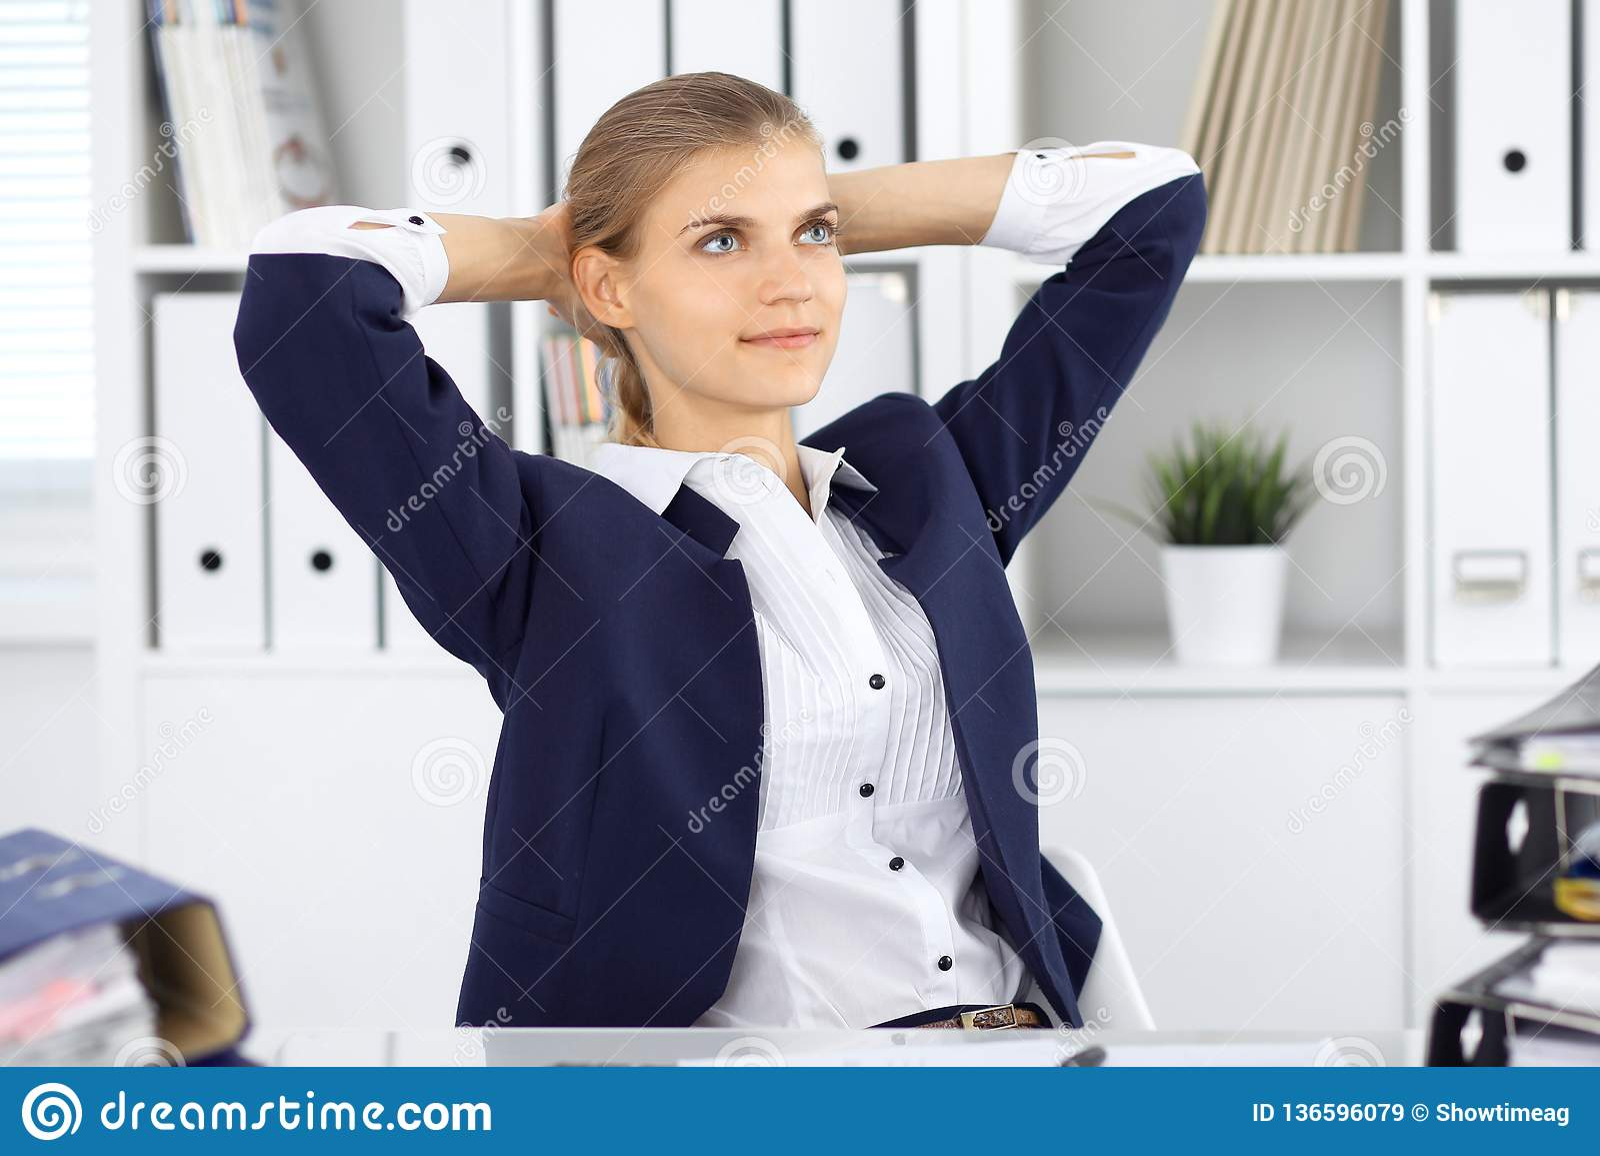 Ευτυχής επιχειρησιακή γυναίκα ή θηλυκός λογιστής που έχει μερικά πρακτικά για το χρόνο από και την ευχαρίστηση στη θέση εργασίας